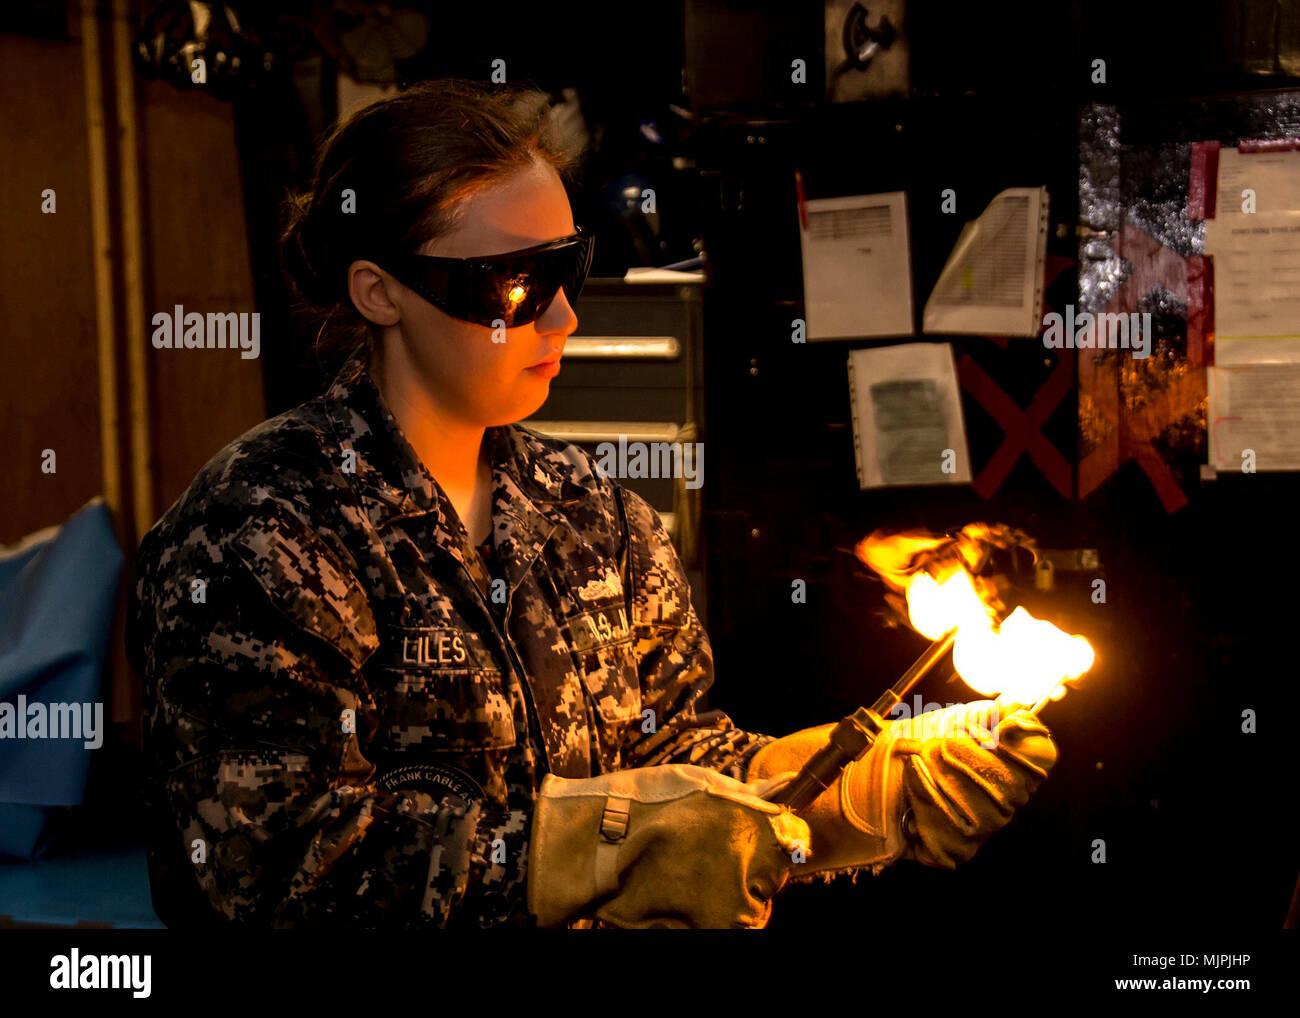 SANTA RITA, Guam (Dec. 8, 2017) Casco Técnico de Mantenimiento de 3ª clase AnnMarie Liles, asignado a la licitación submarino USS Frank Cable (como 40), enciende una antorcha en el tubo tienda a bordo del Submarino USS Emory S. tierras de licitación (39), 8 de diciembre, después de ser nombrado chaqueta azul del año. Liles es deber asignado temporalmente a Emory S. Frank Cable tierra, mientras se encuentra en Portland, Oregon para su dique seco programados de mantenimiento fase de disponibilidad. (Ee.Uu. Navy photo by Mass Communication Specialist 2ª clase Michael Allen McNair/liberado) Foto de stock